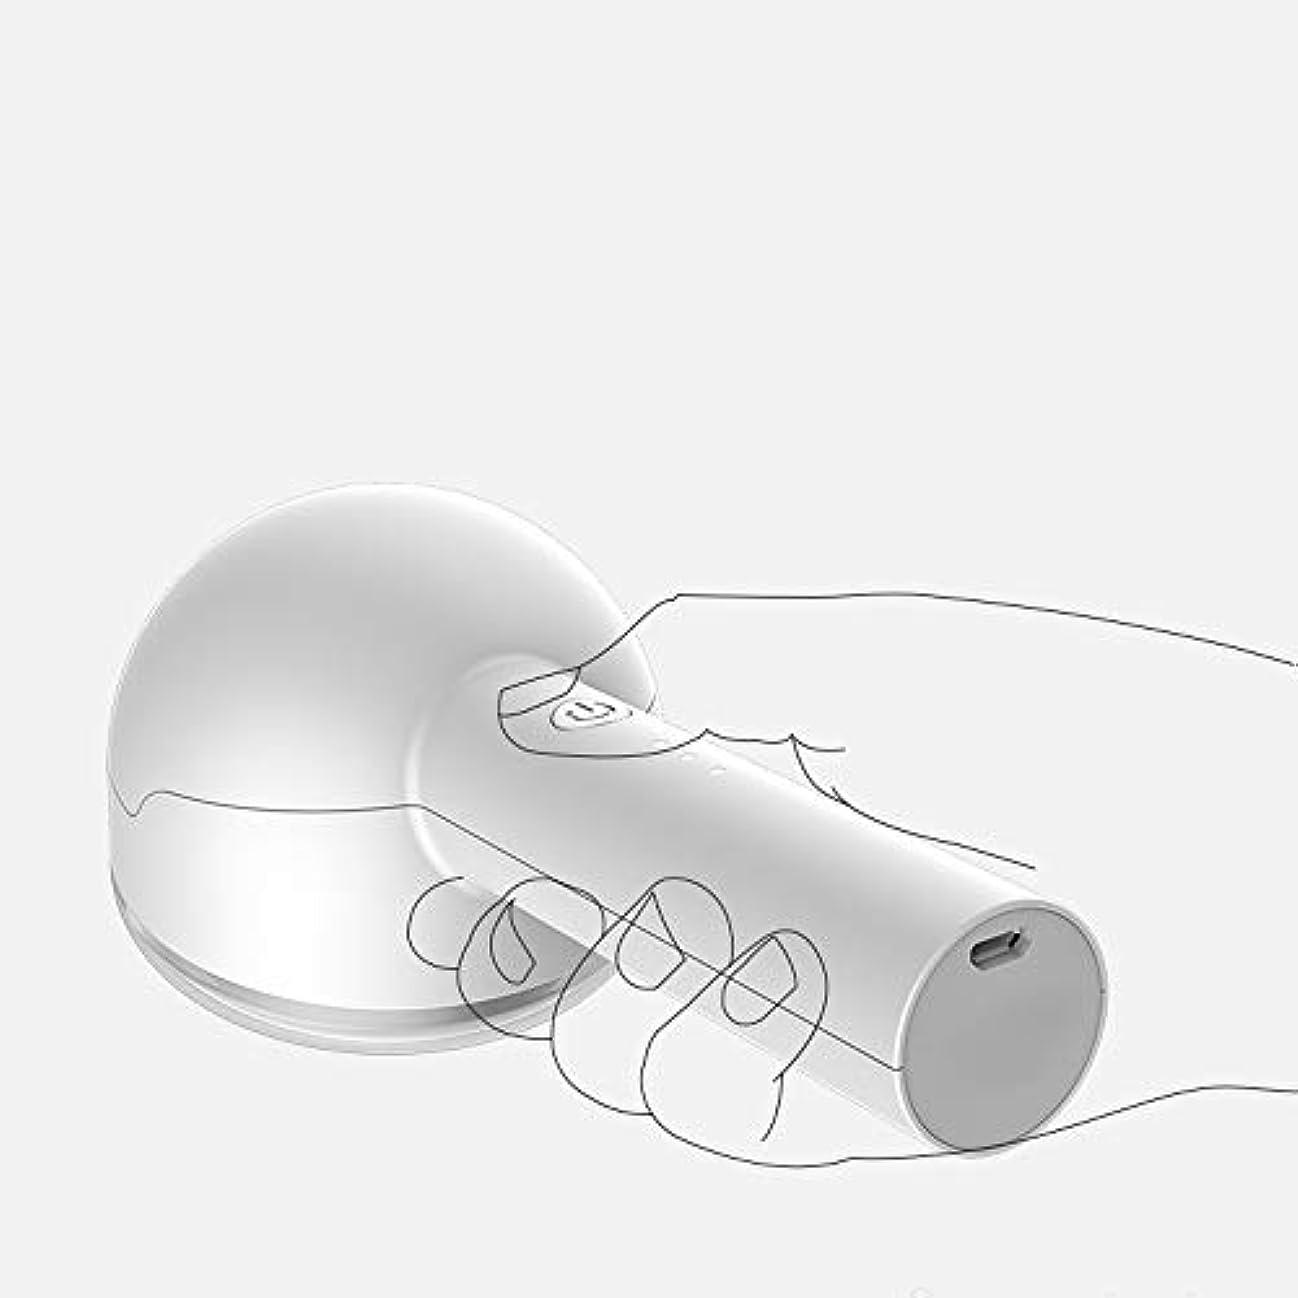 トマト文化大きさ飛強強 ファブリックシェーバー - リントリムーバー衣類シェーバーフリース服の充電式ボブファブリックシェーバー 家具の脱毛 (Color : White)